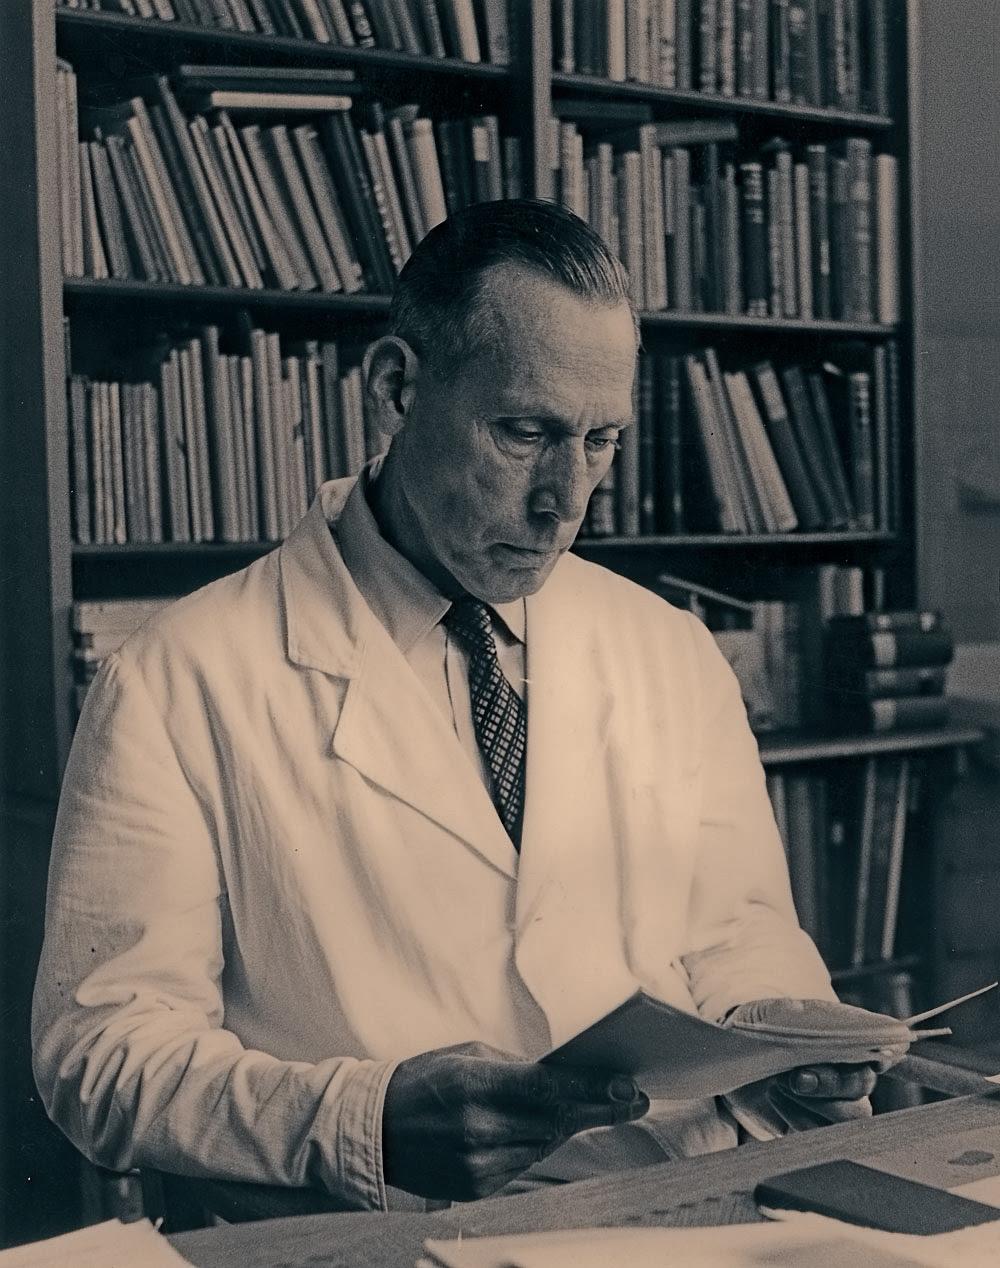 Portmann-Adolf